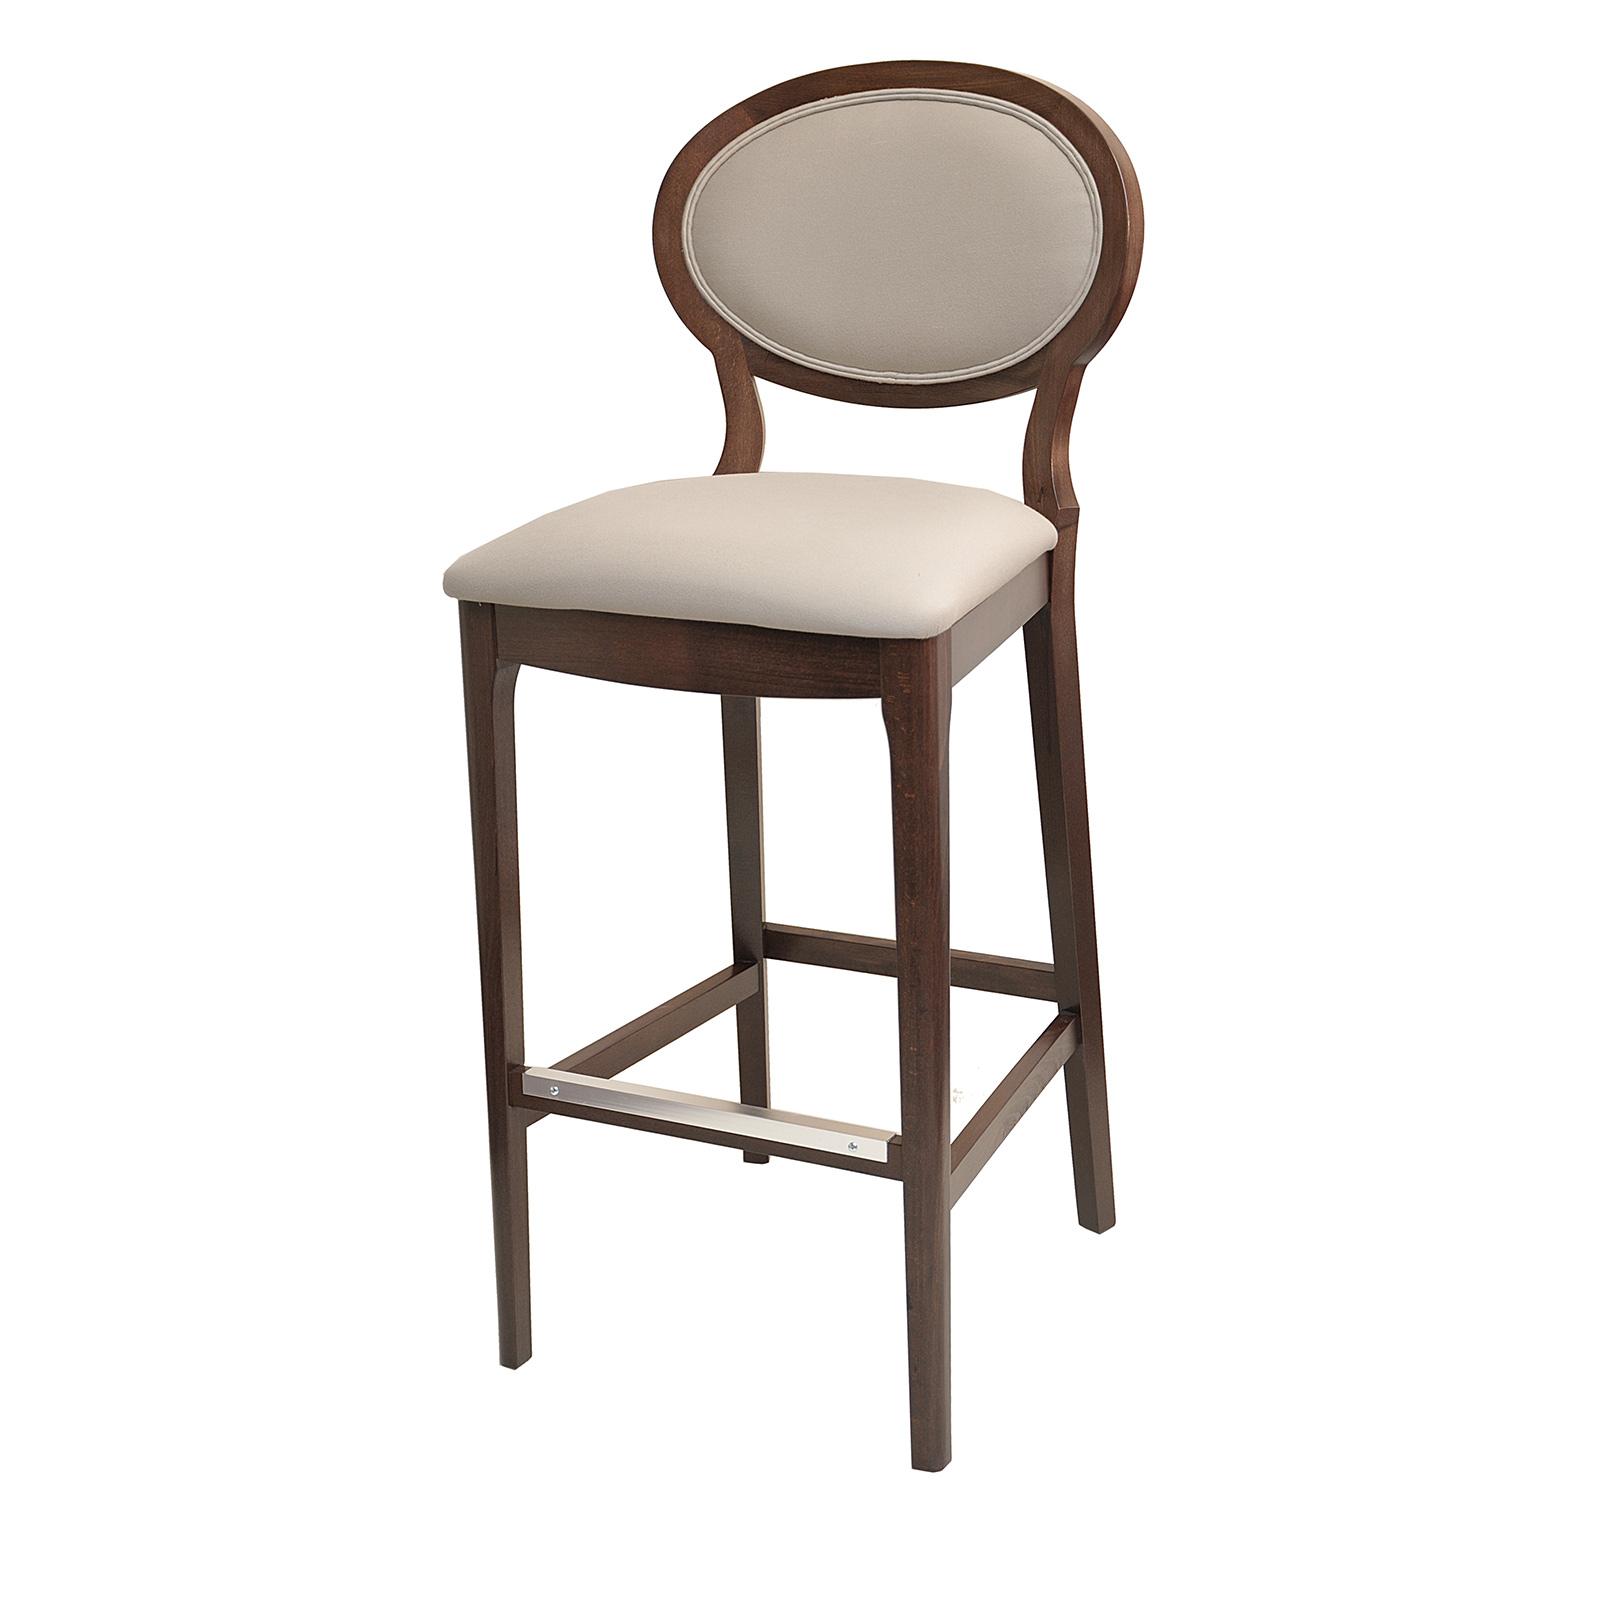 Florida Seating CN-305B GR7 bar stool, indoor